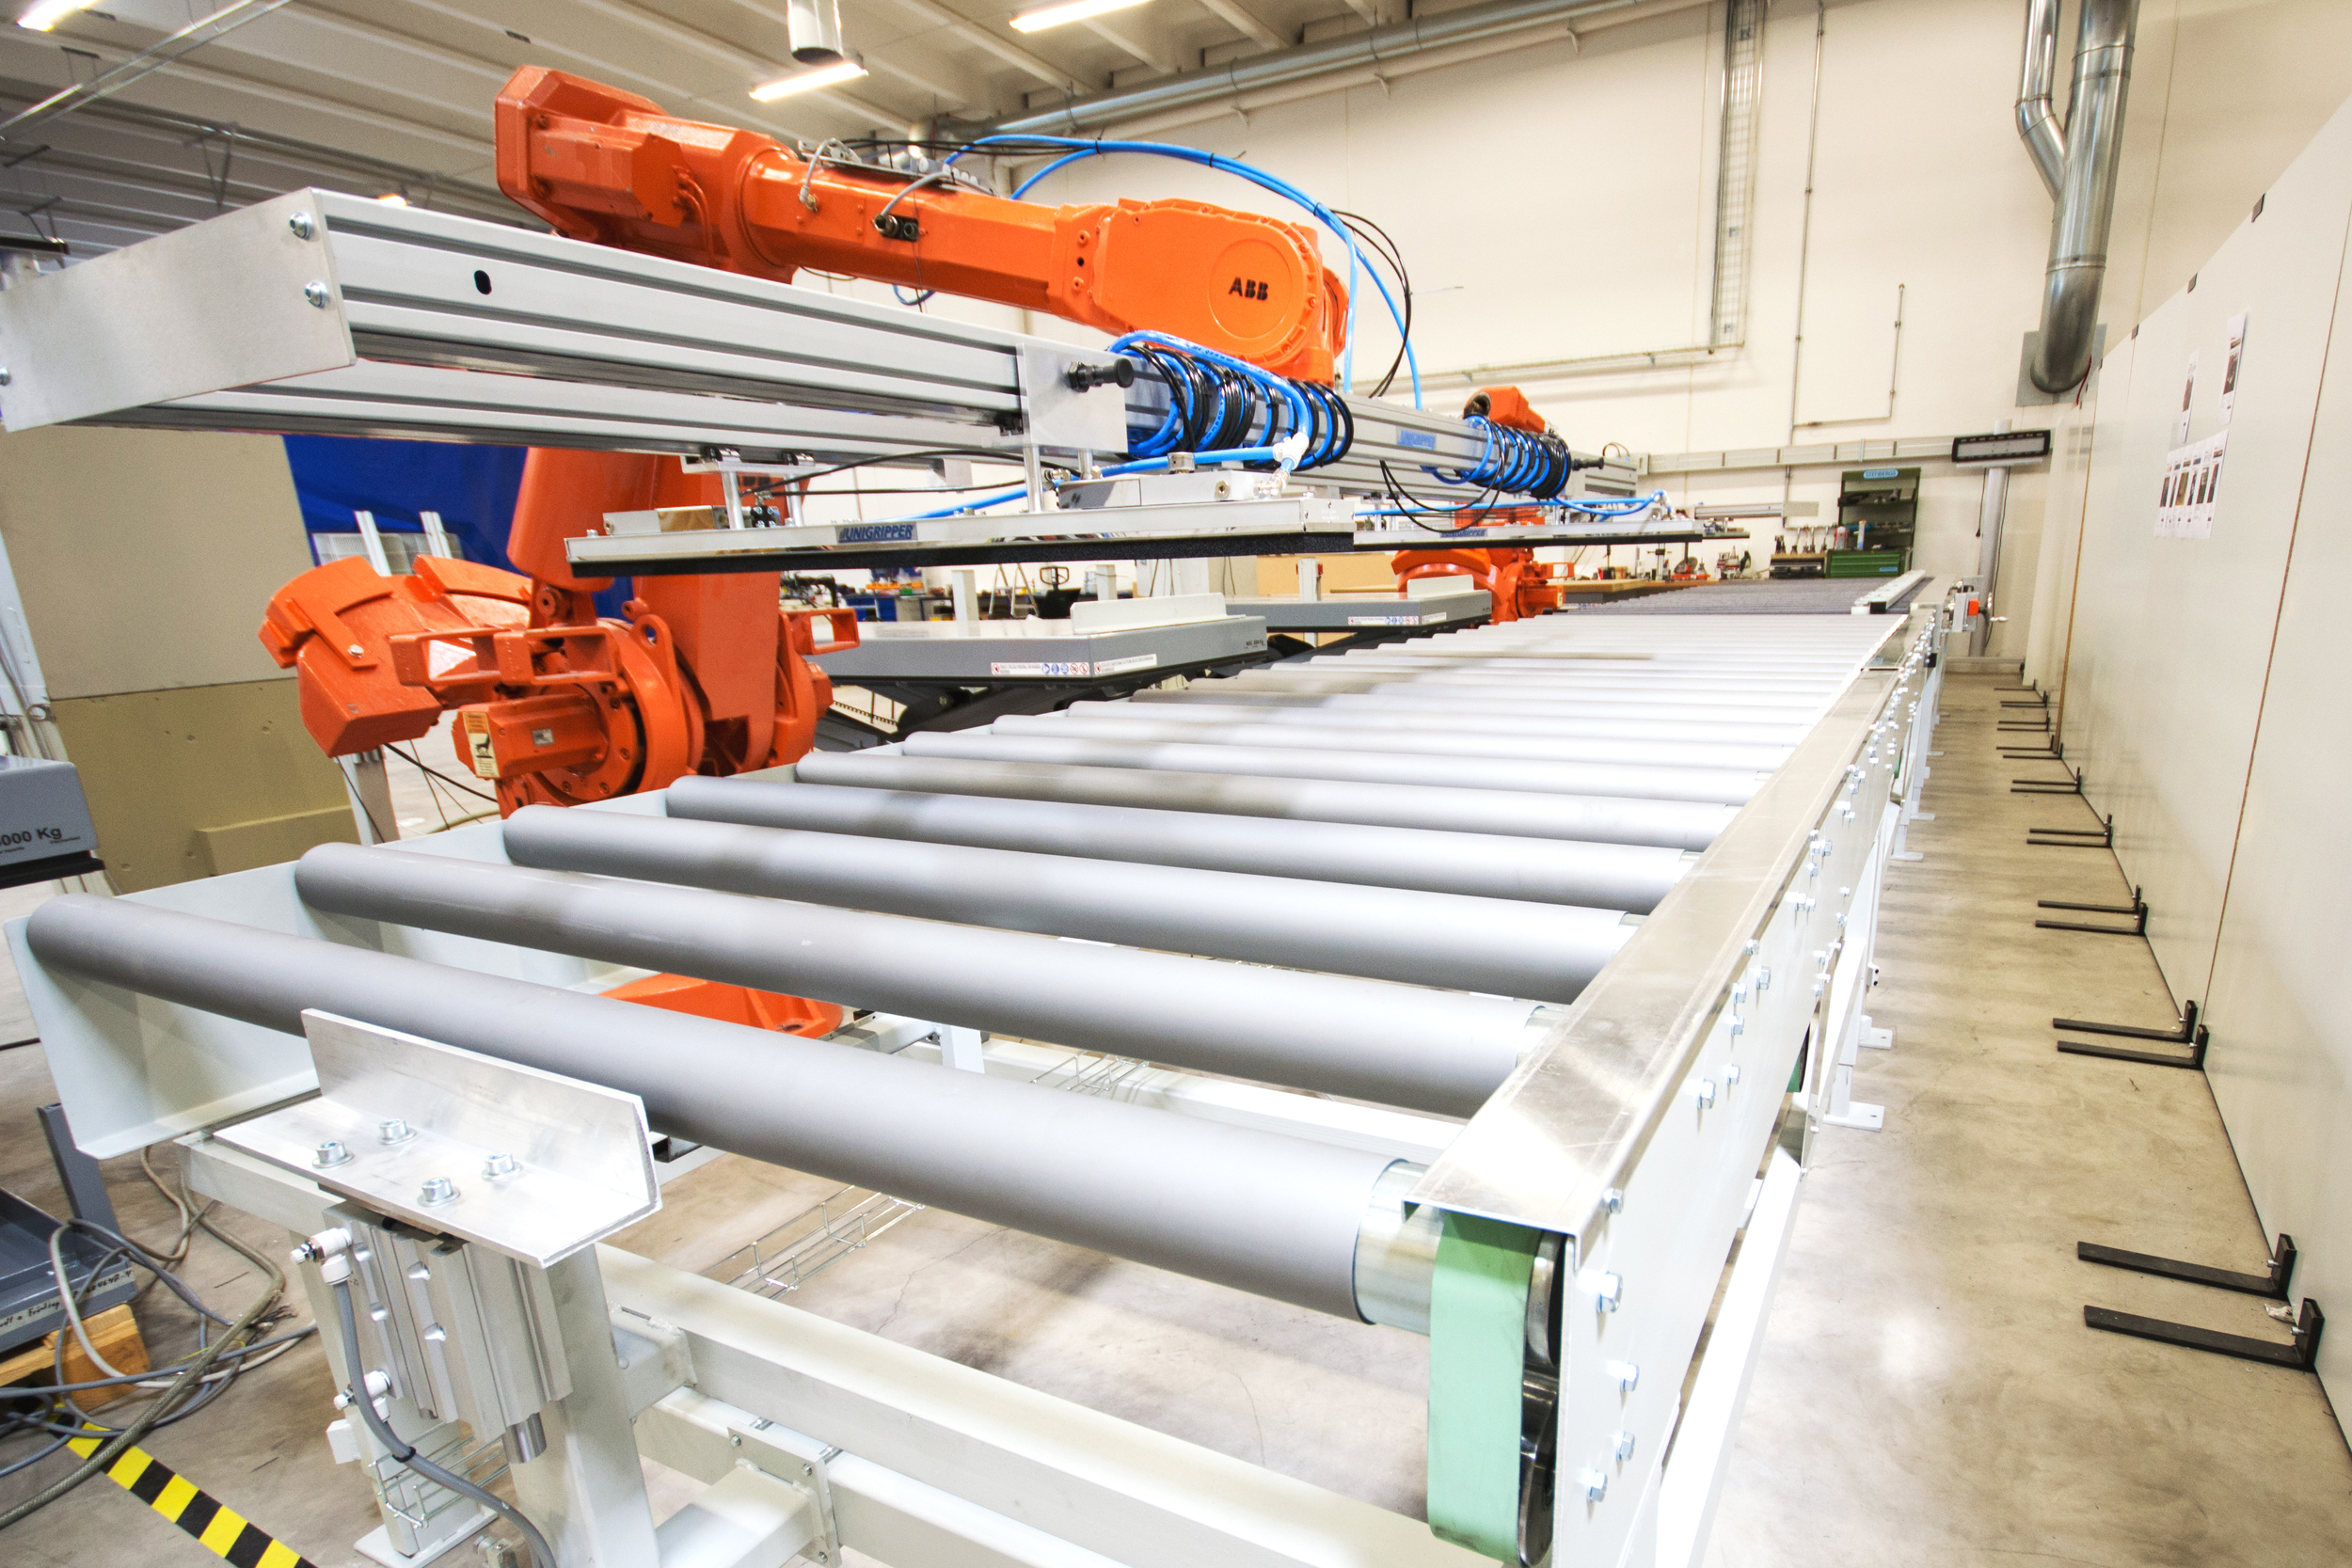 industrirobotar   Jrl gör små som stora robotinstallationer ofta i samband med en hel robotcell där in och utmatning av material sker.Det är inte sällan robotcellerna även har en specialmaskin som slutför bearbetningen. JRL kan tillhandahålla både nya och begagnade robotar  och vi kan även tillverka specialmaskiner vid behov.